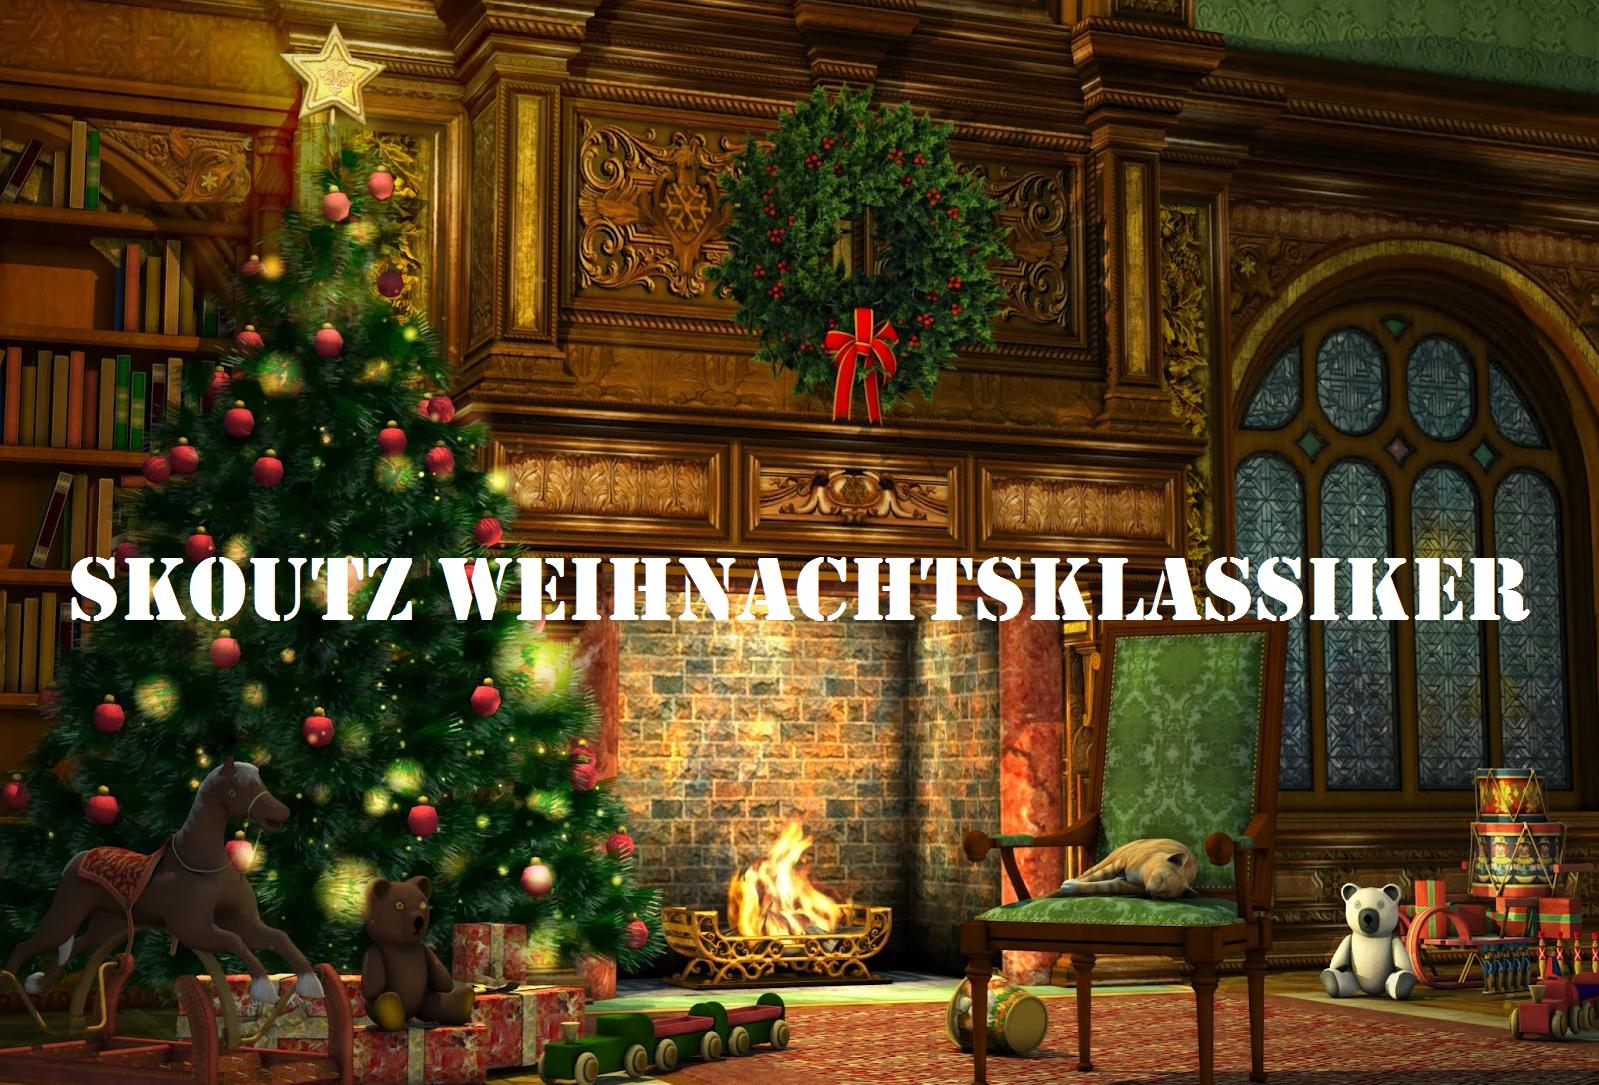 Skoutz - Weihnachtsklassiker